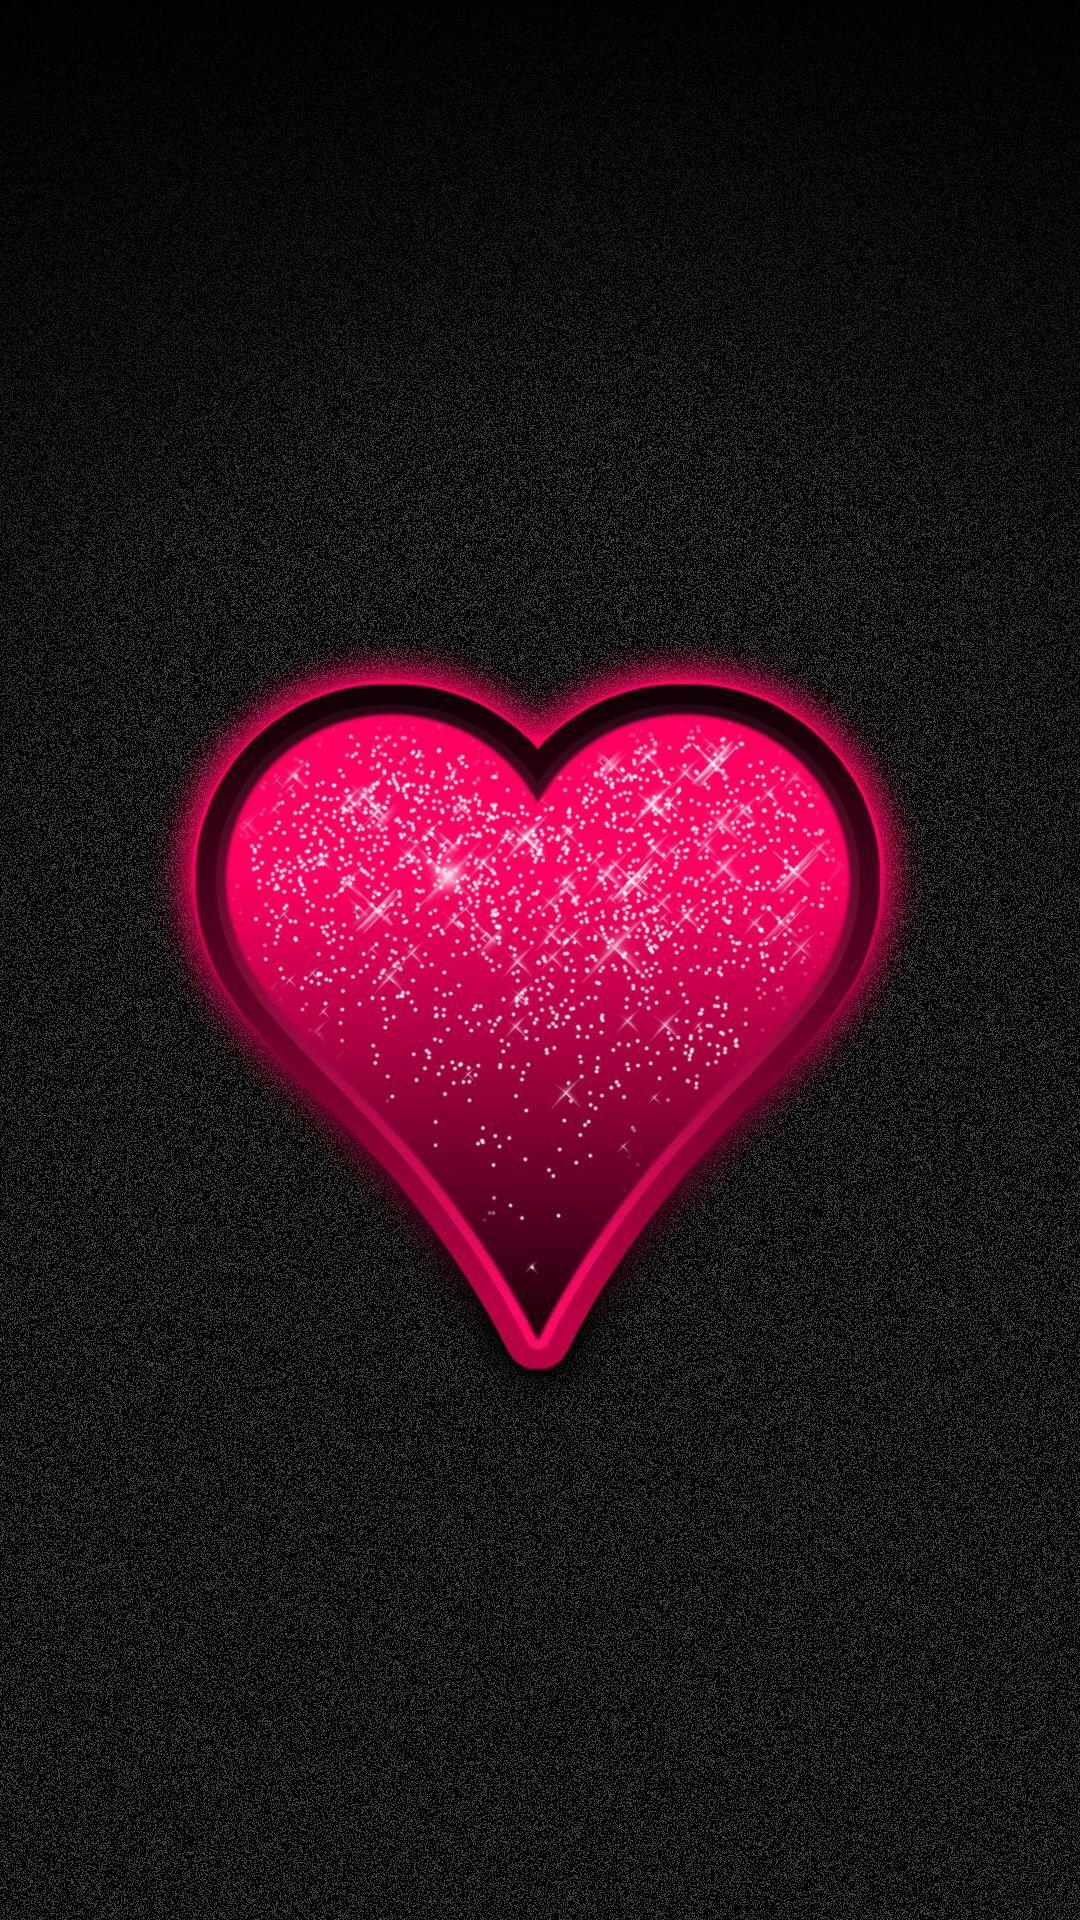 Love Santa Banta Wallpaper Android Download Android Wallpaper Wallpaper Android